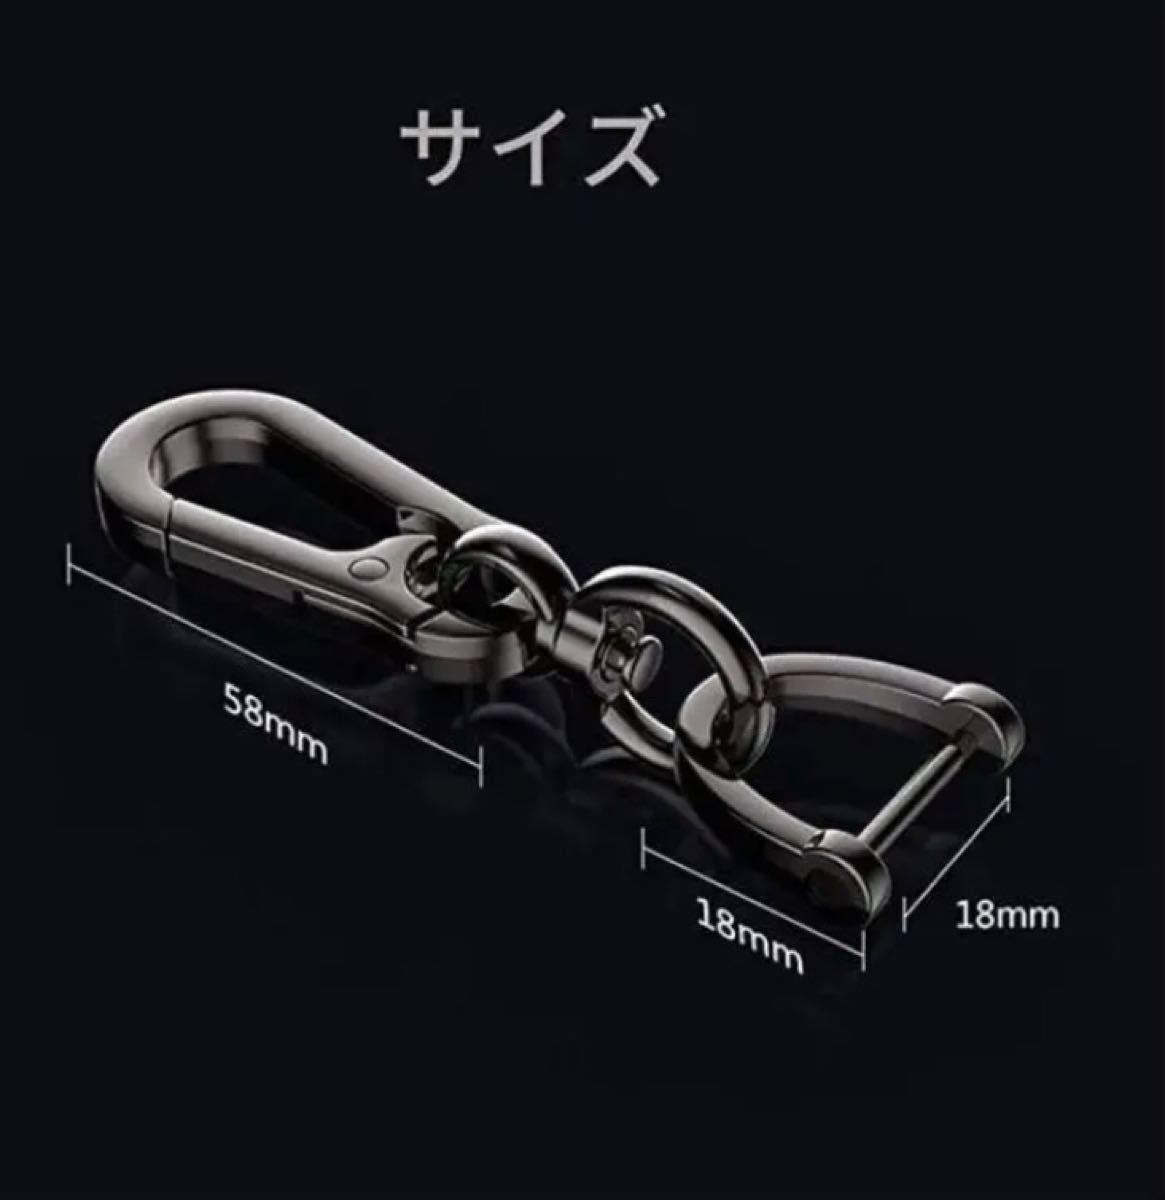 キーホルダー キーチェーン キーリング 鍵 車 メタル  フック 高級感